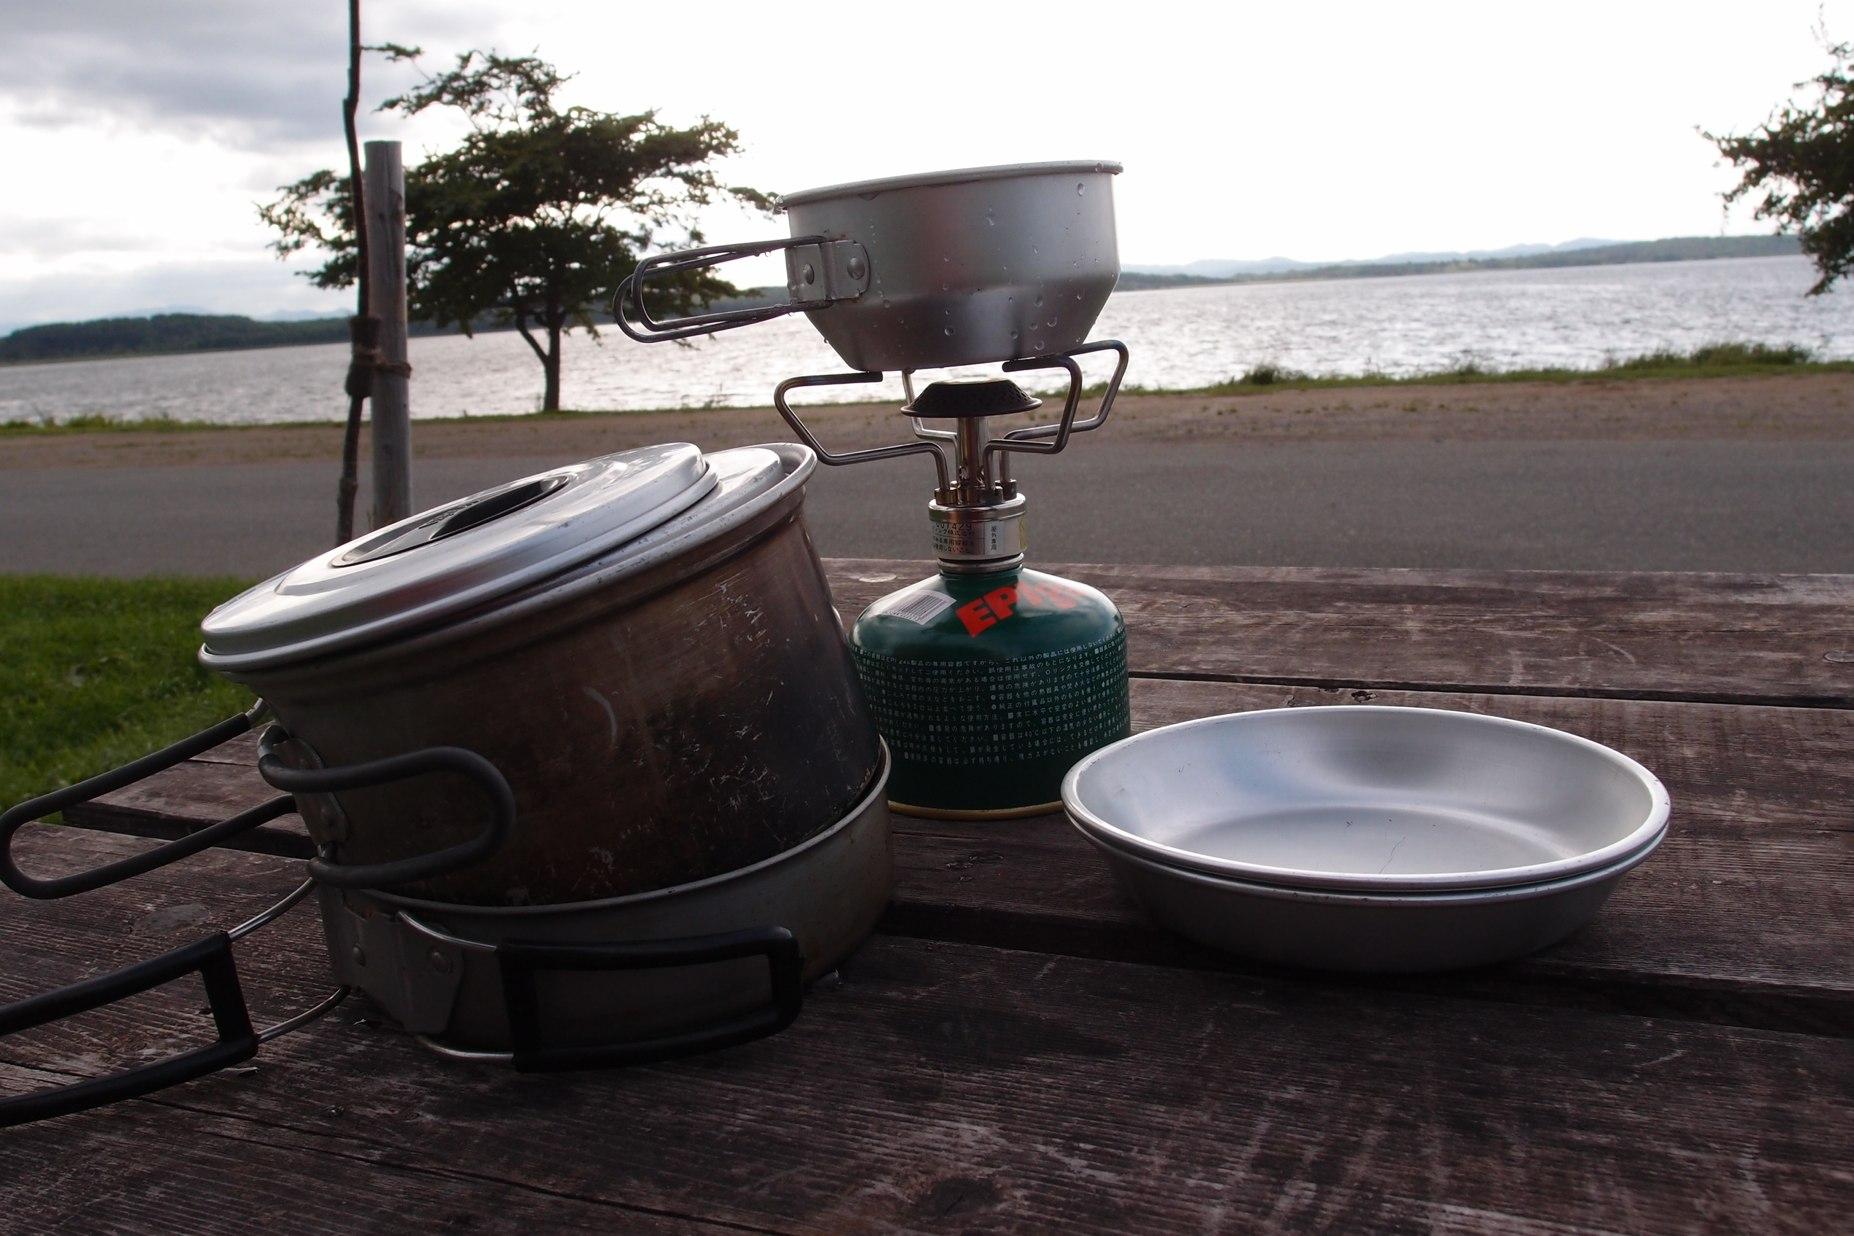 必要最少限のキッチン〜北海道湖畔キャンプ_a0116902_2253565.jpg